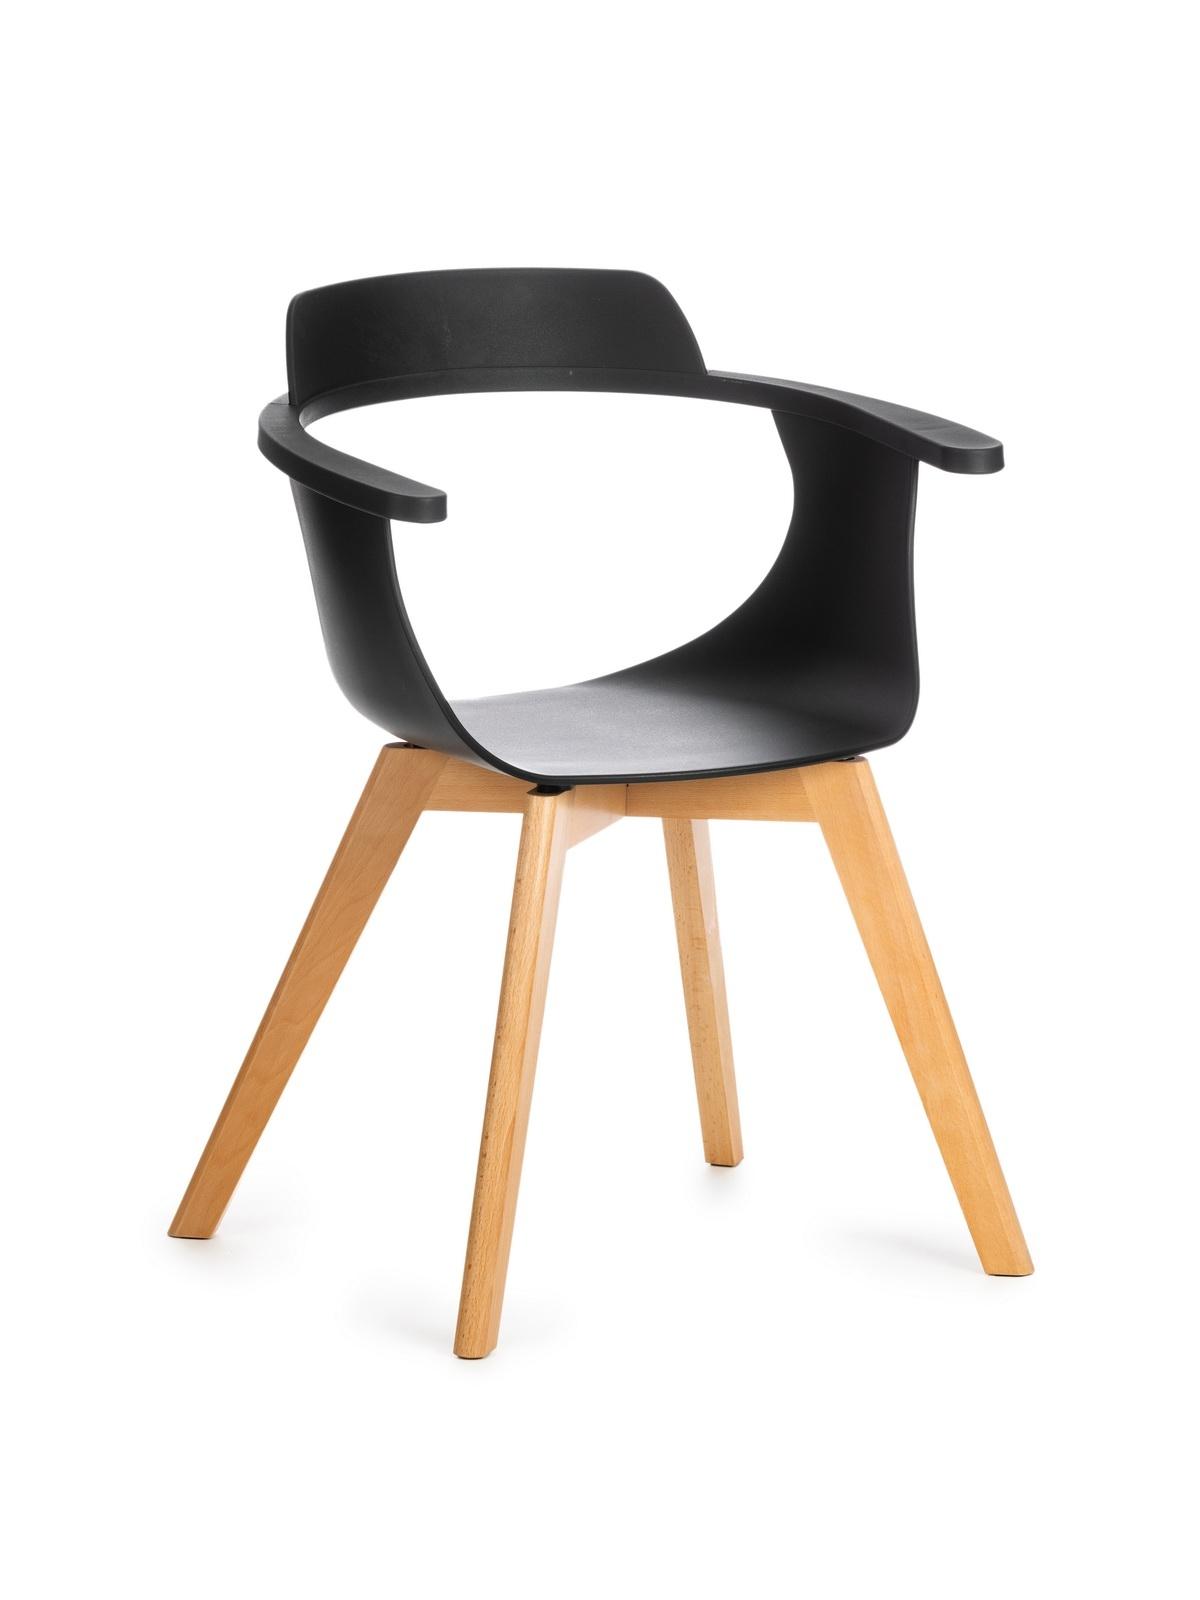 Scaun din plastic cu picioare de lemn Alan Black, l51xA60xH80 cm